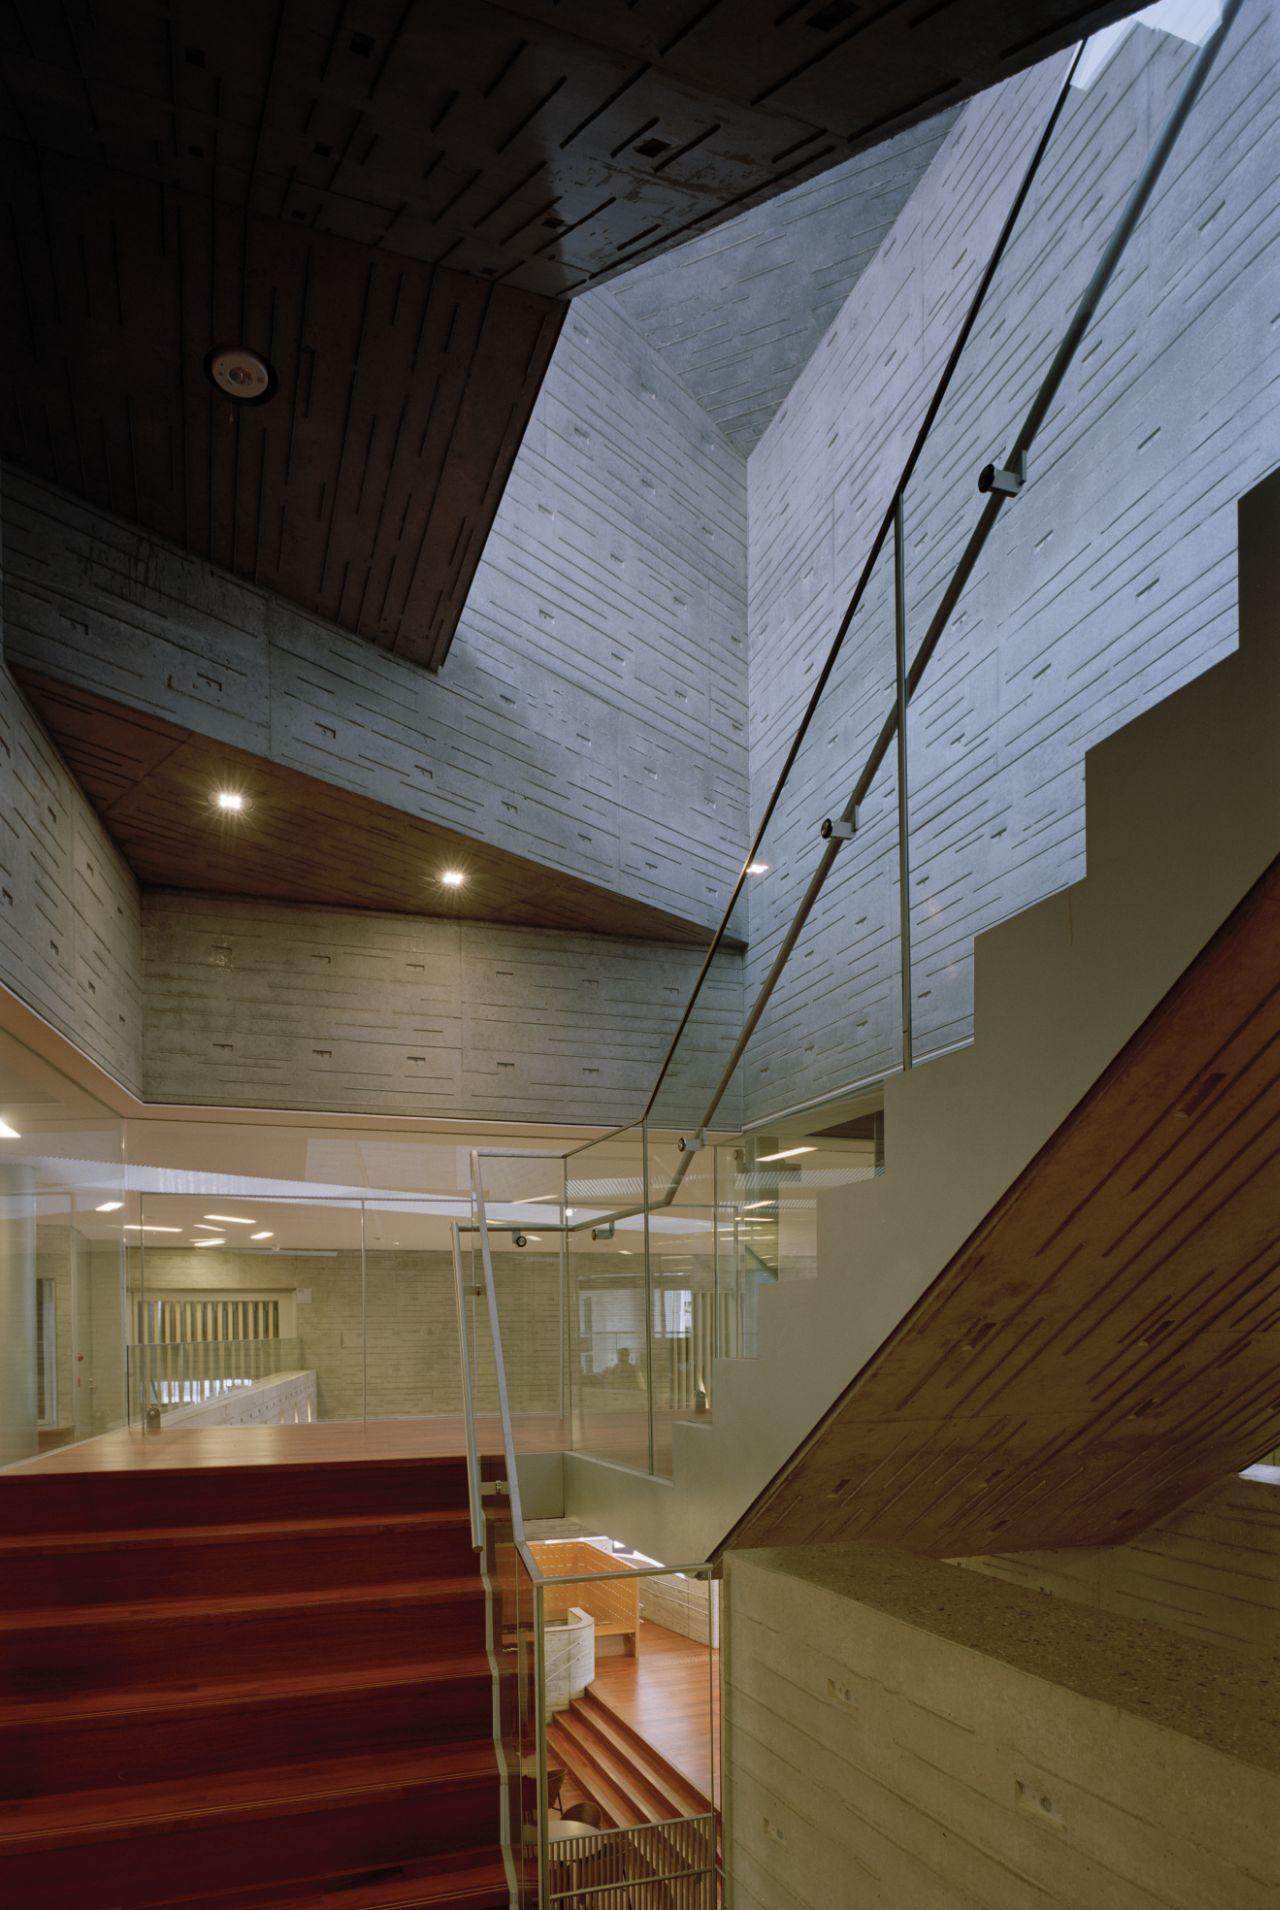 Chiaki Arai Urban And Architecture Design